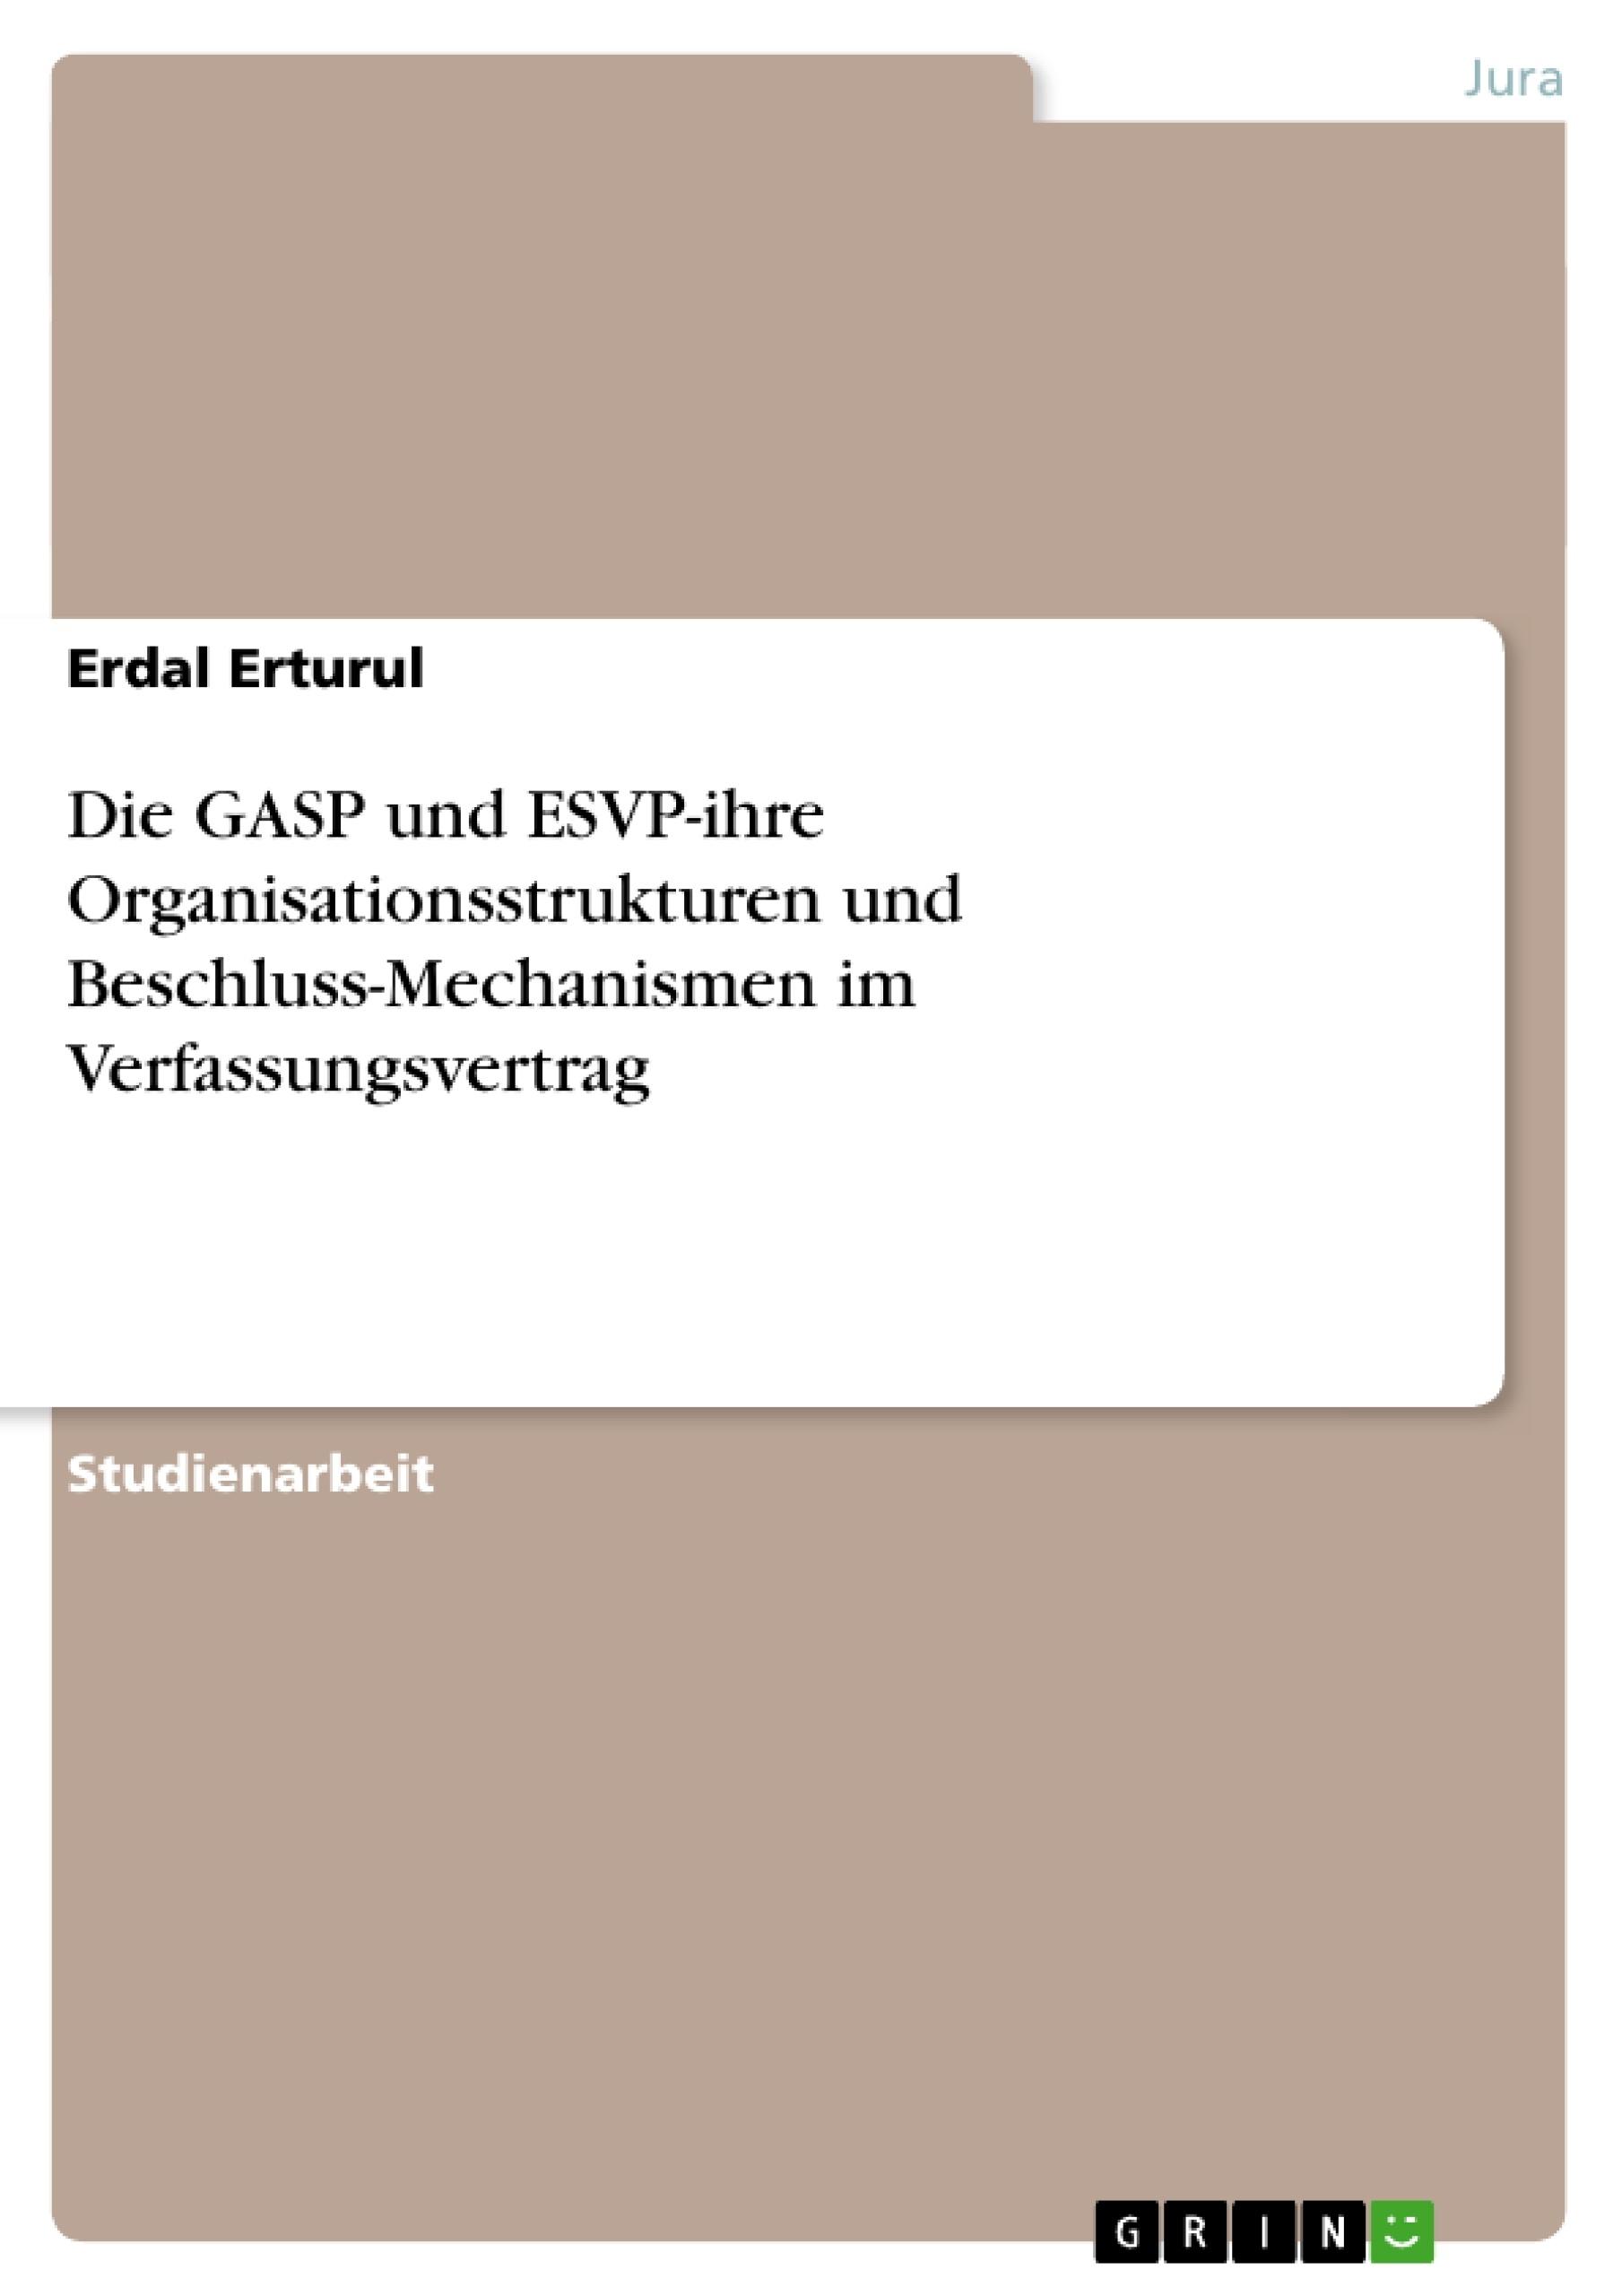 Titel: Die GASP und ESVP-ihre Organisationsstrukturen und Beschluss-Mechanismen im Verfassungsvertrag